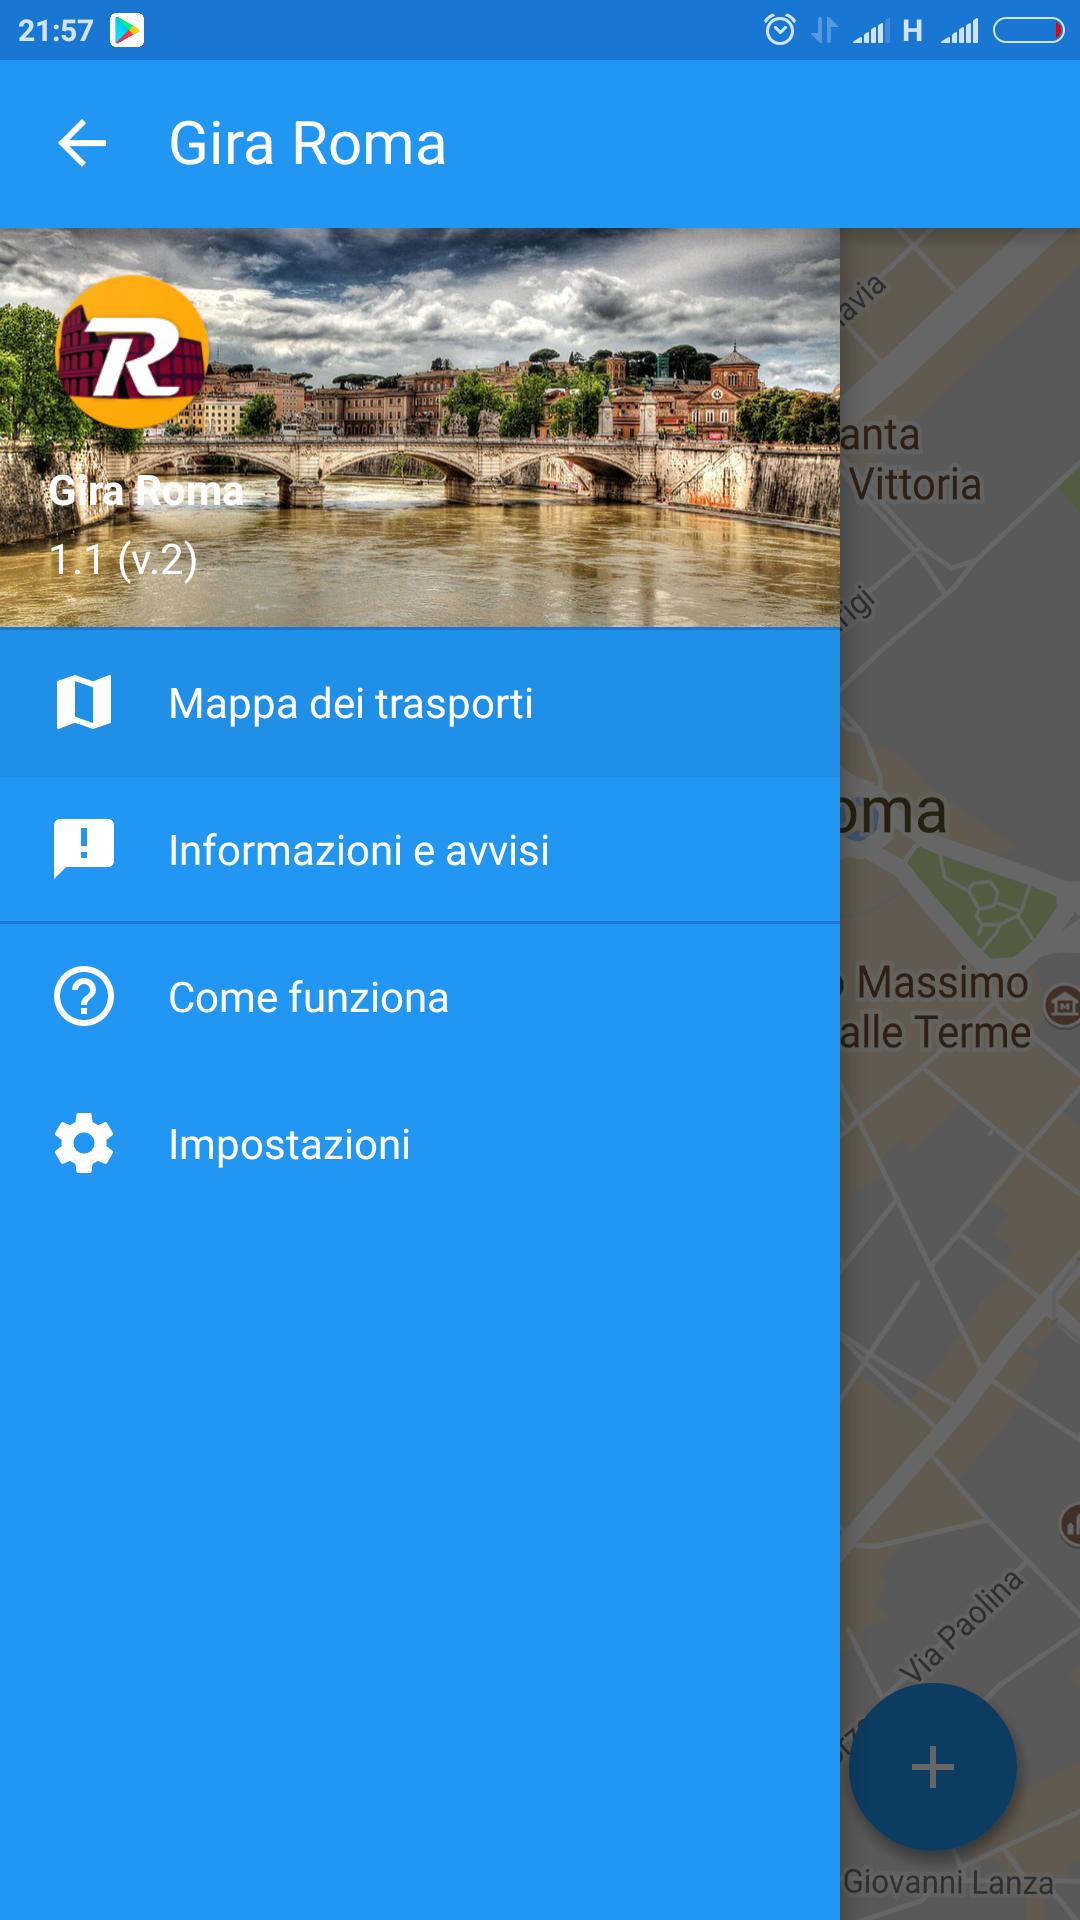 gira roma l 39 app per gli spostamenti nella capitale con i mezzi pubblici tuttoandroid. Black Bedroom Furniture Sets. Home Design Ideas